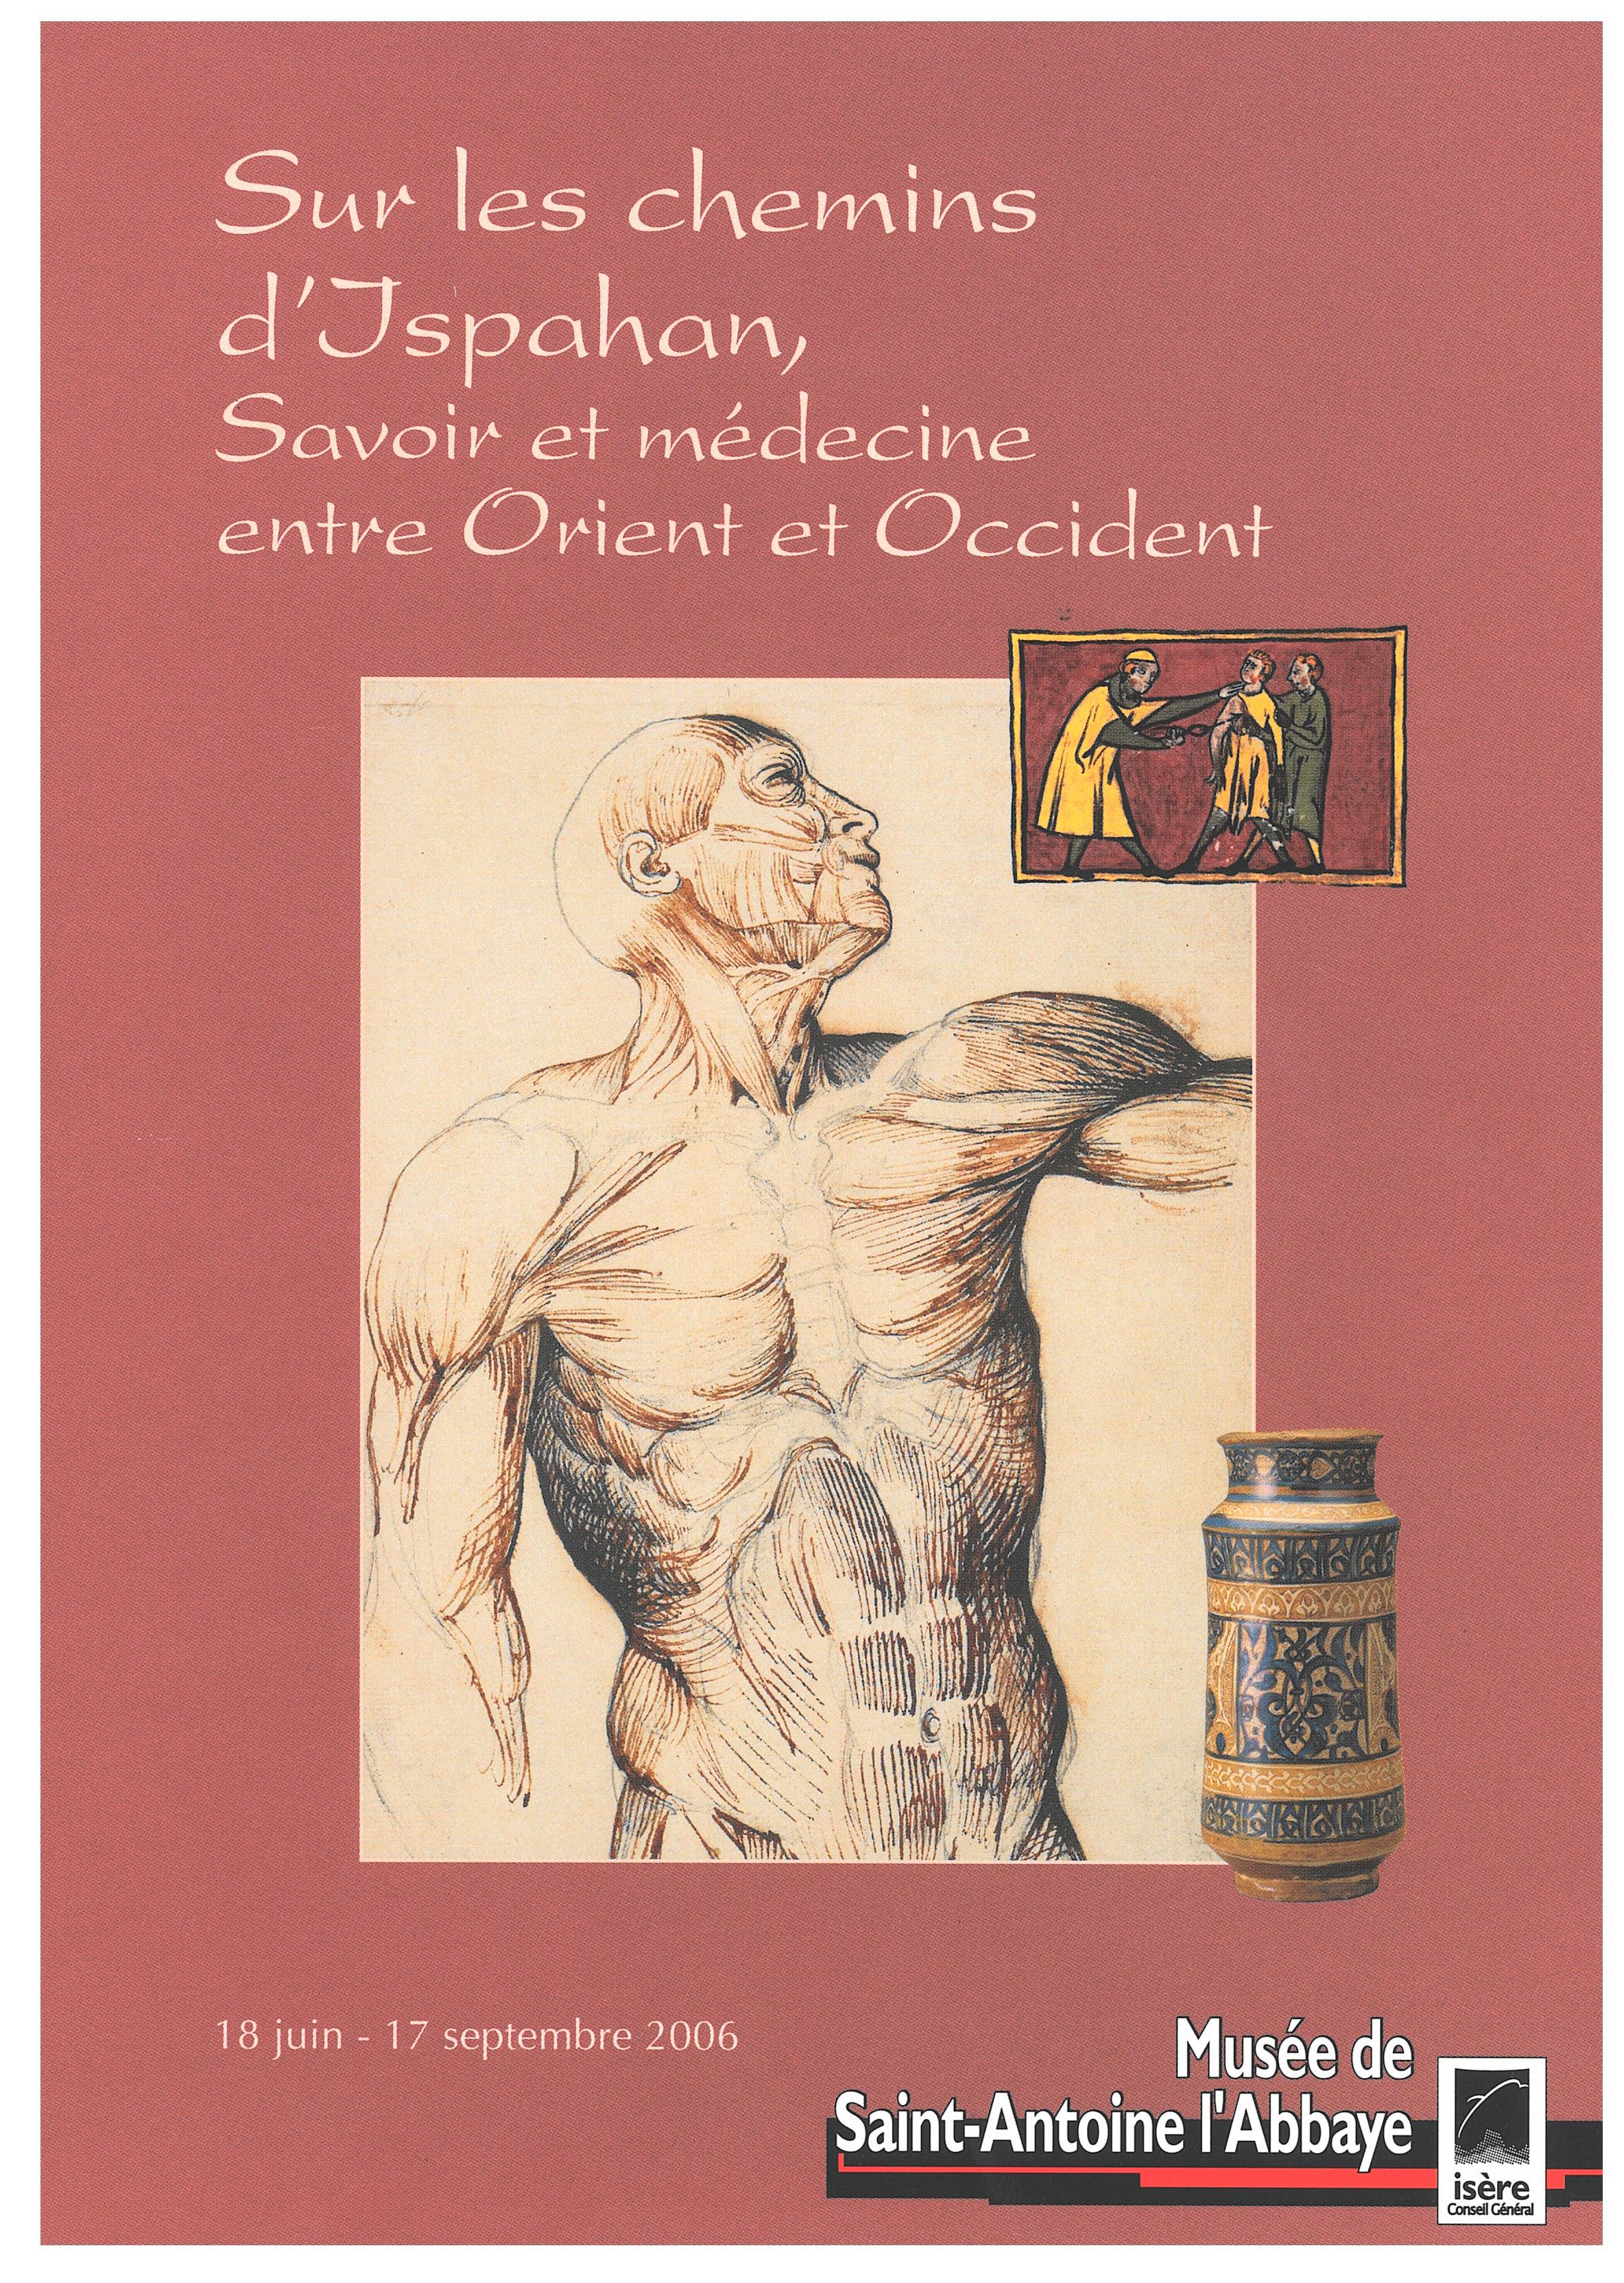 Visuel de l'exposition Sur les chemins d'Ispahan, Savoir et médecine entre Orient et Occident